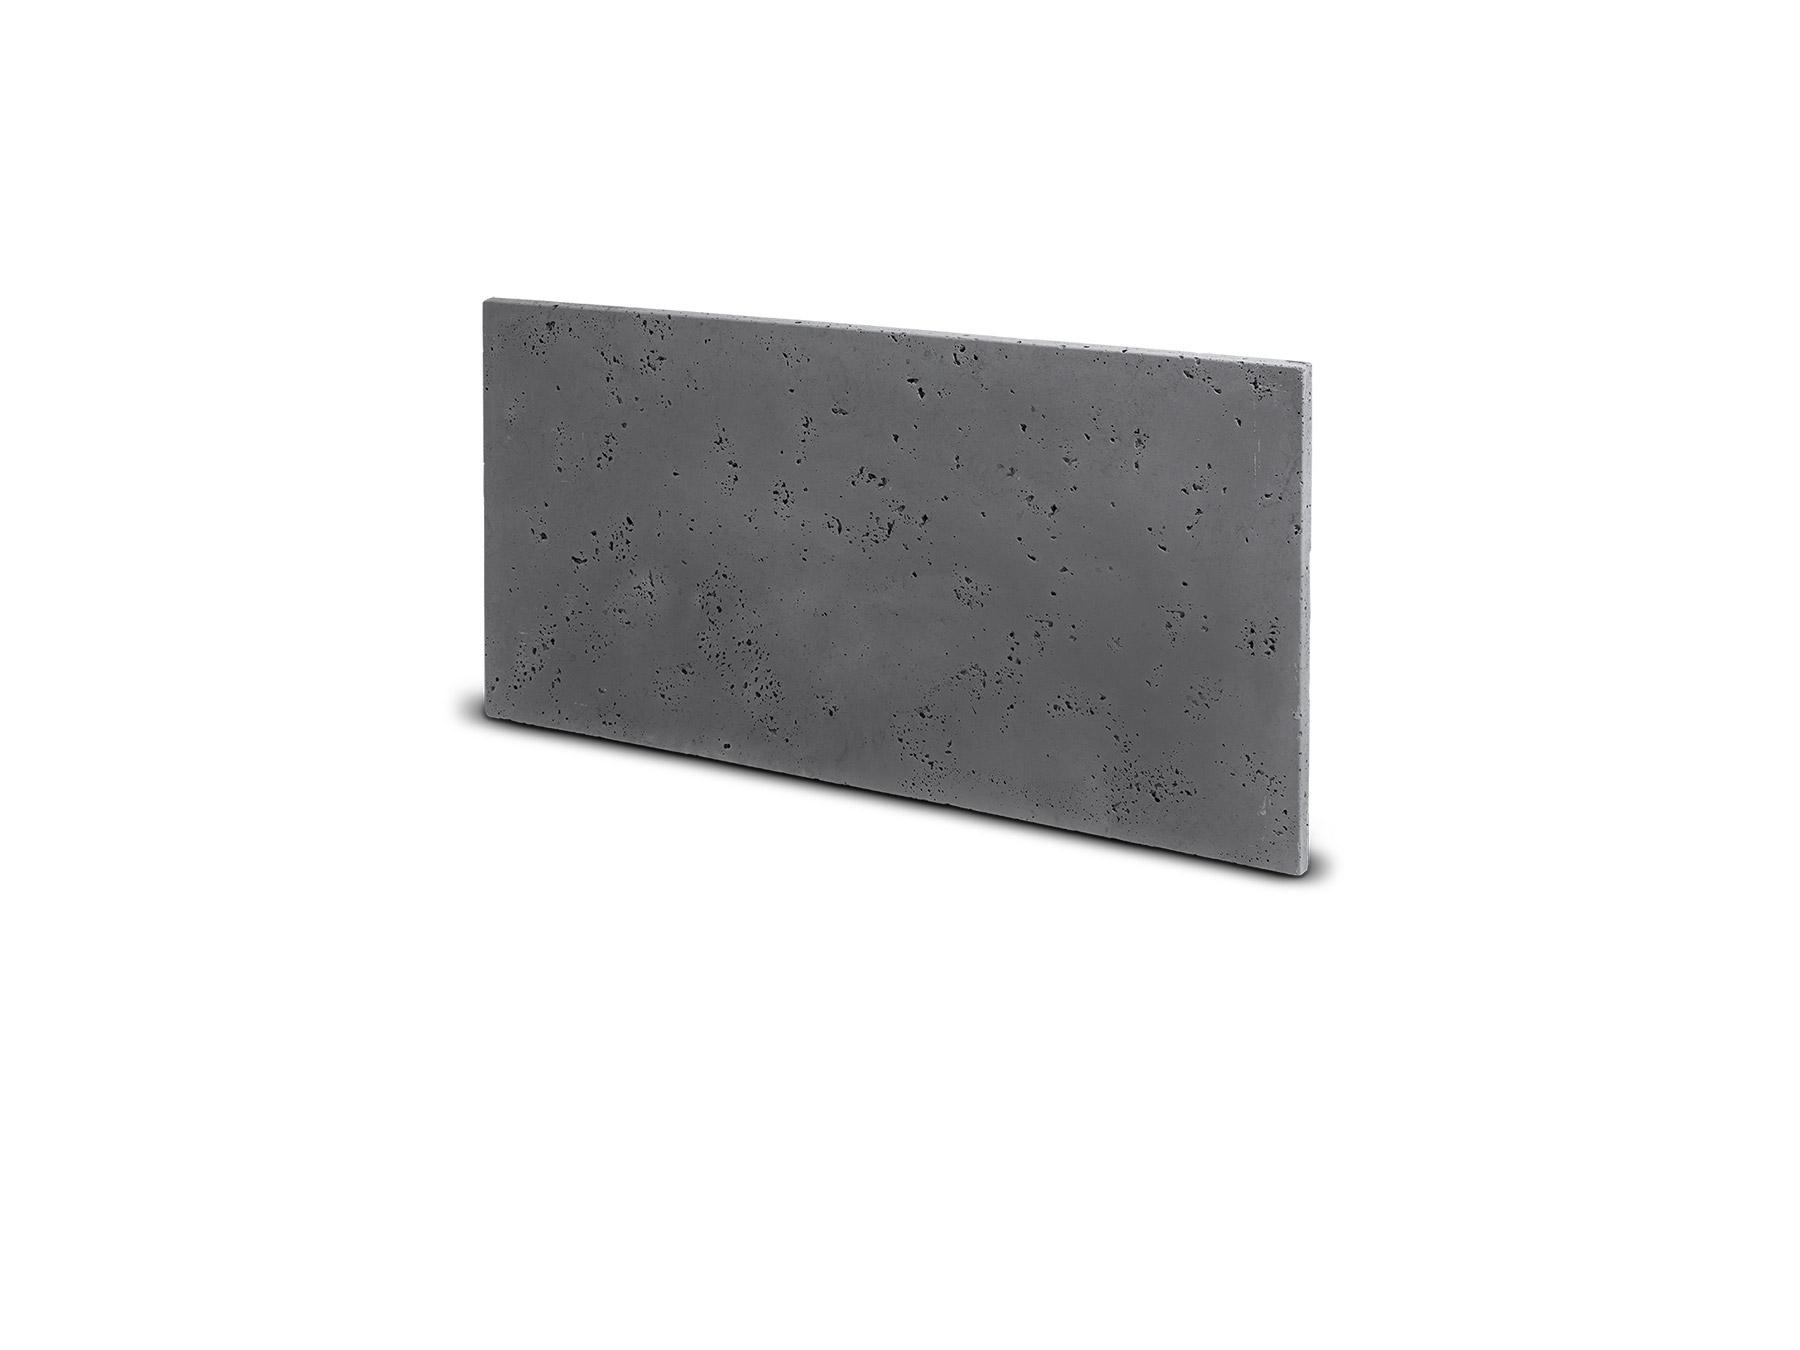 Fasádní obkladový beton šedá (s96)300x600 mm balení 0,9m2